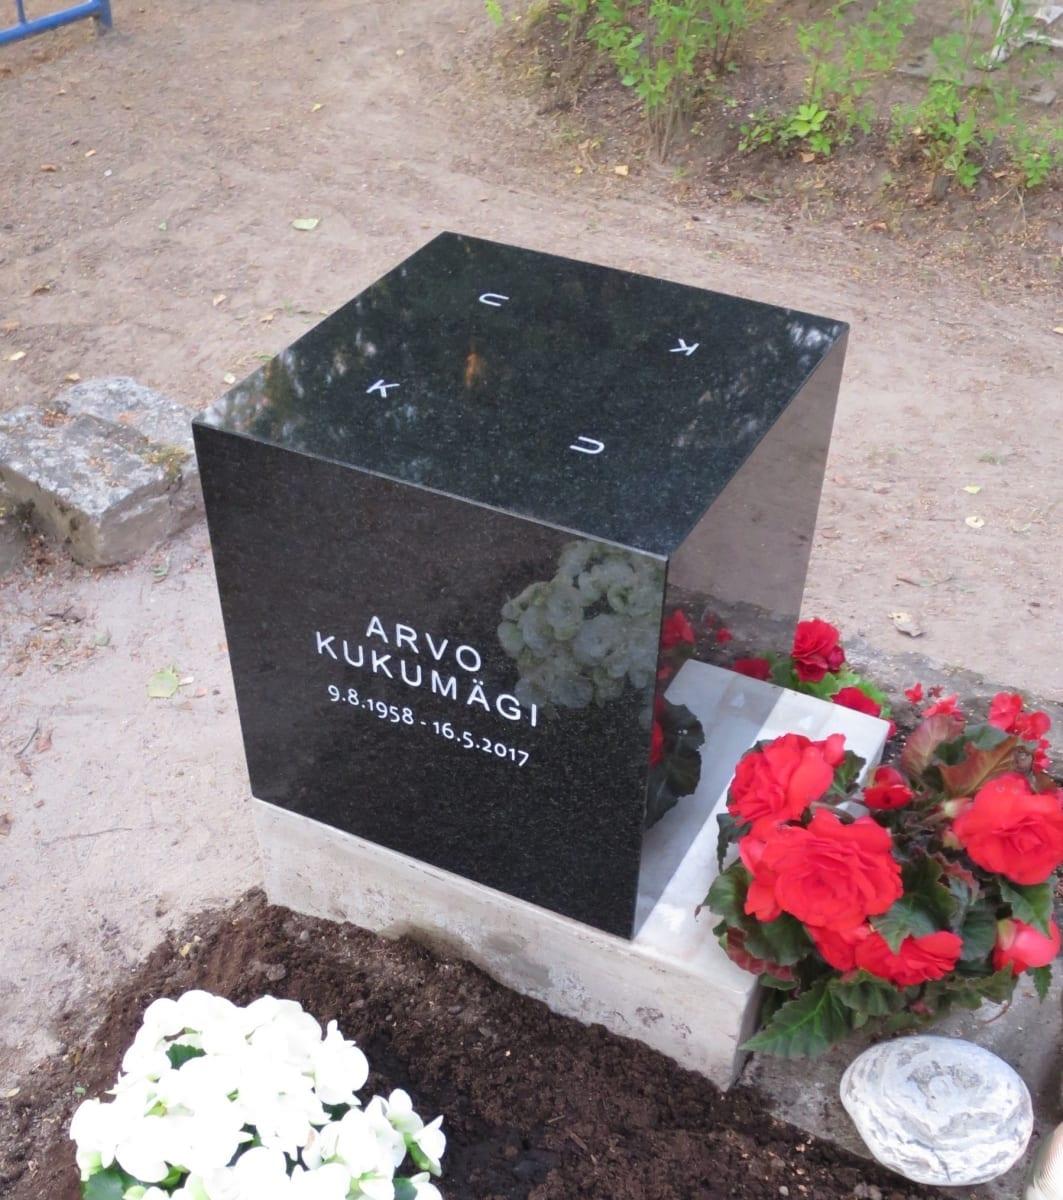 2018 Saatse kalmistu